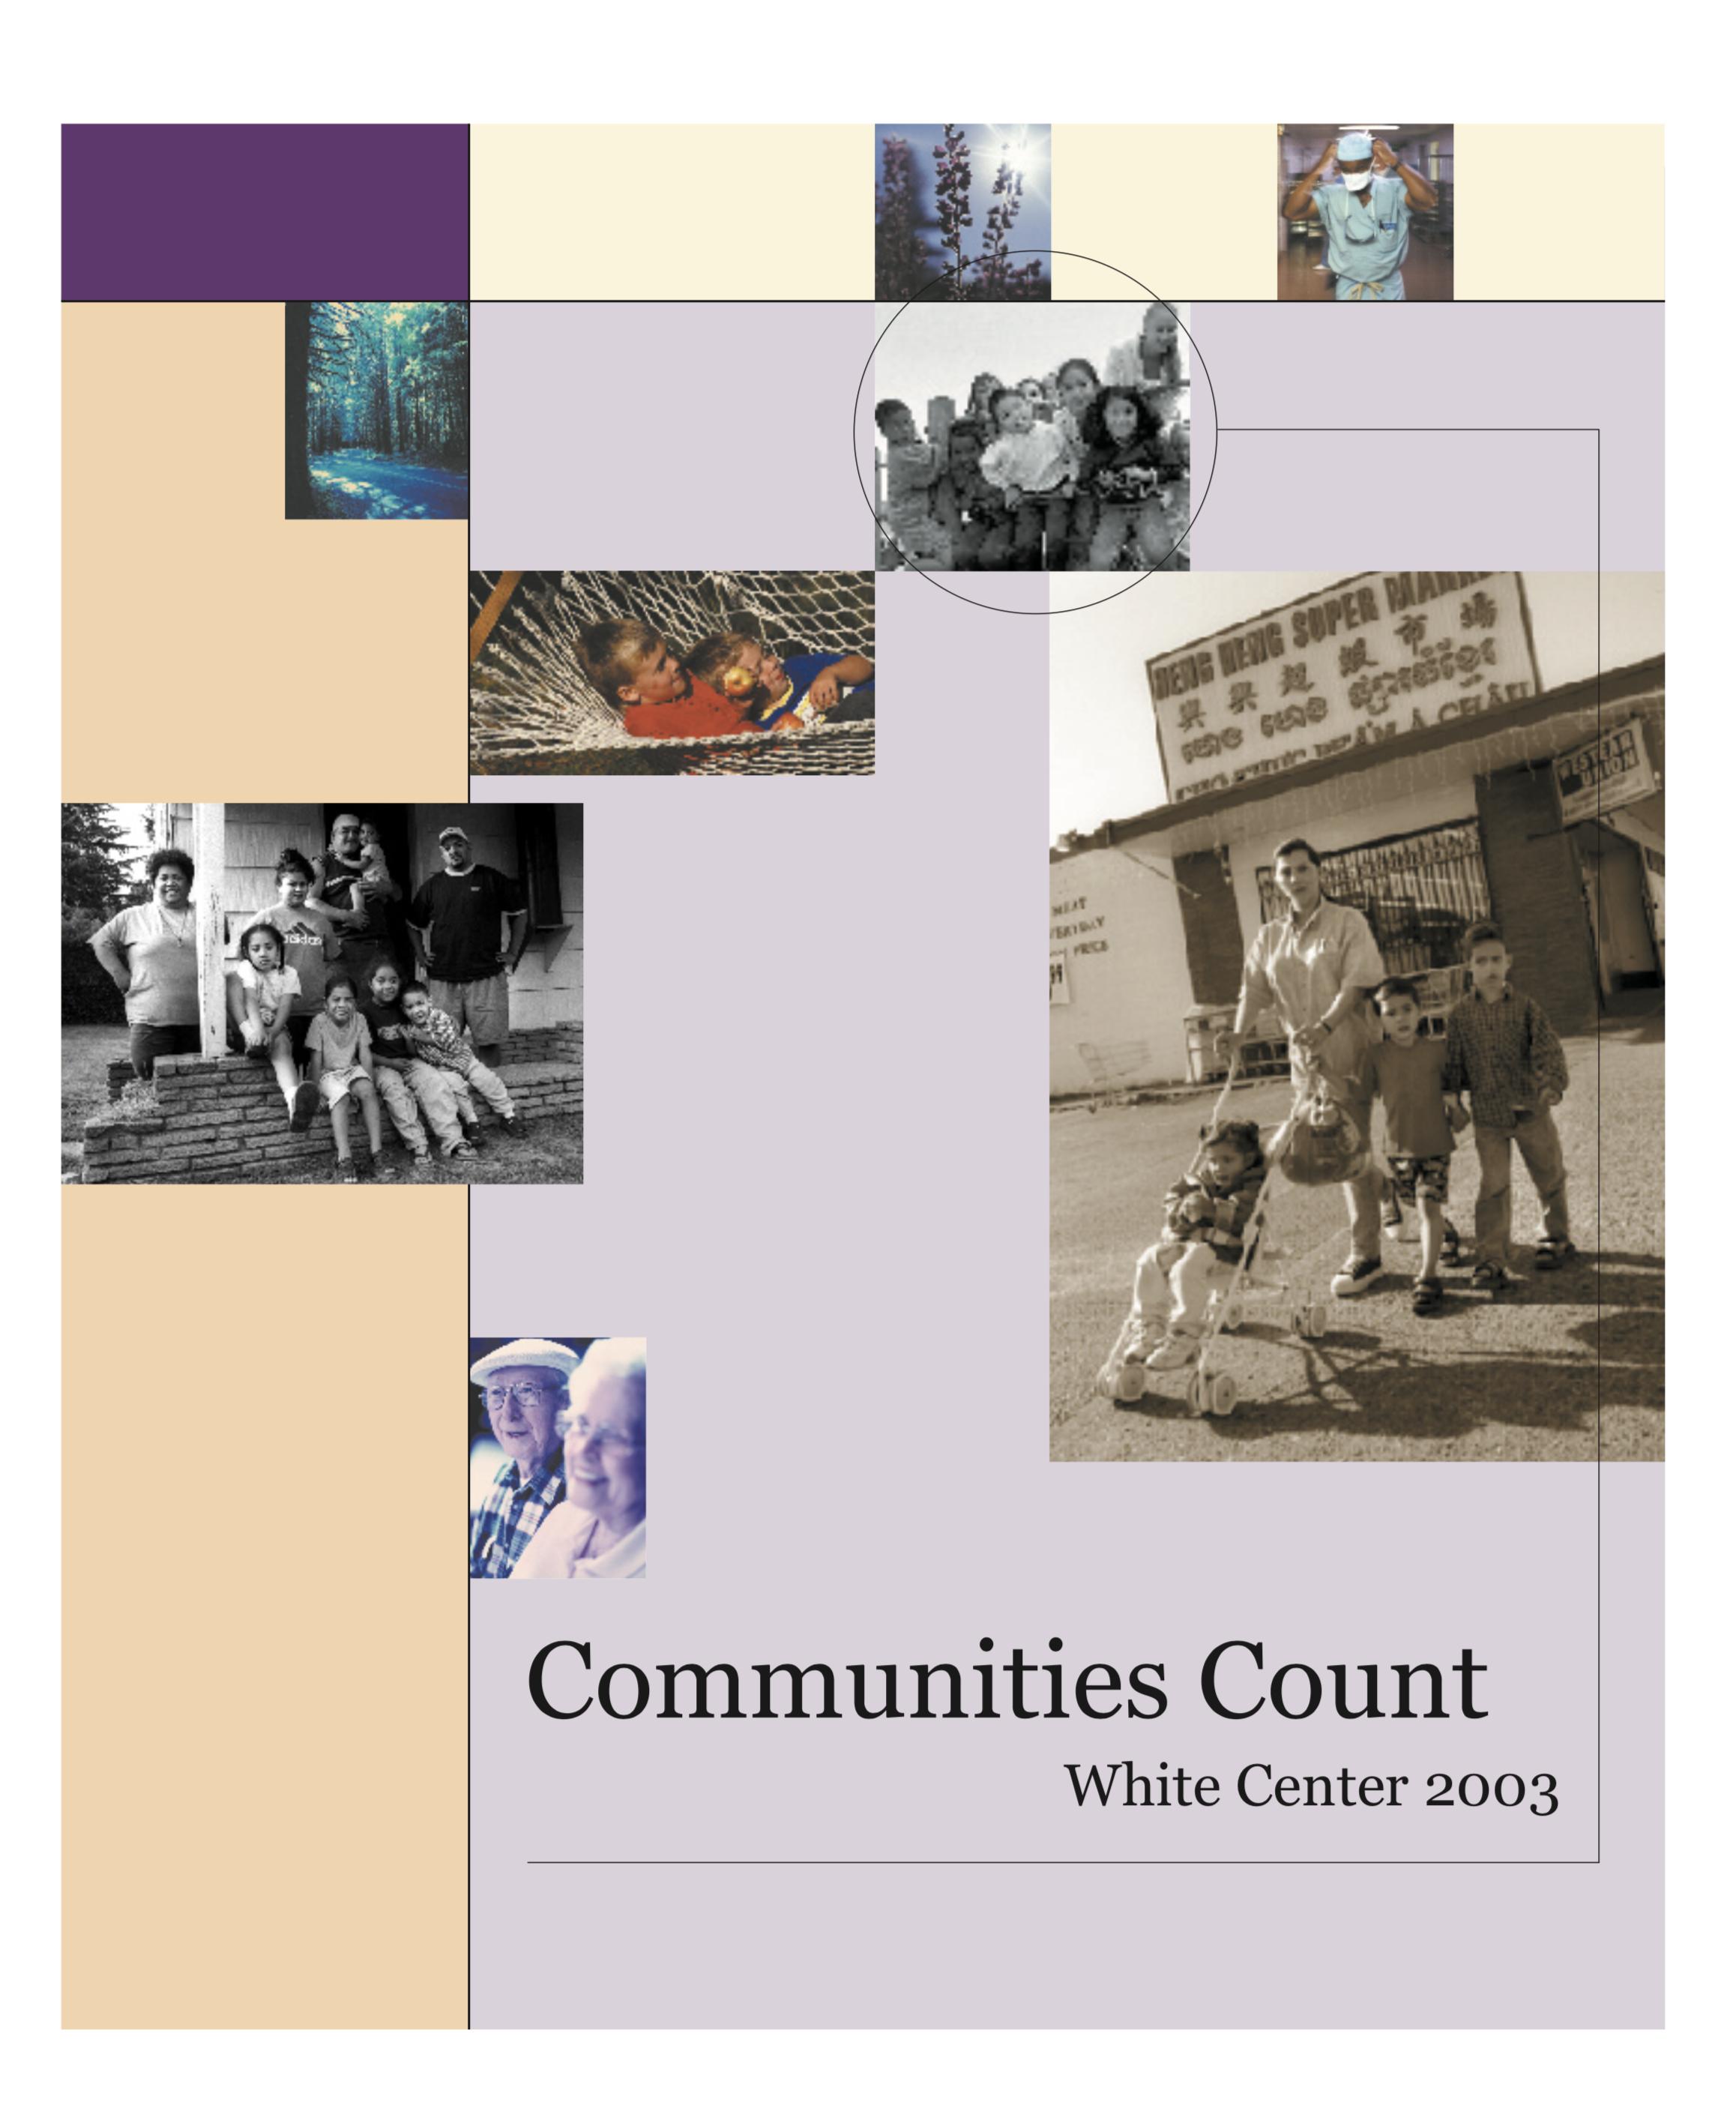 2003 report: White Center -